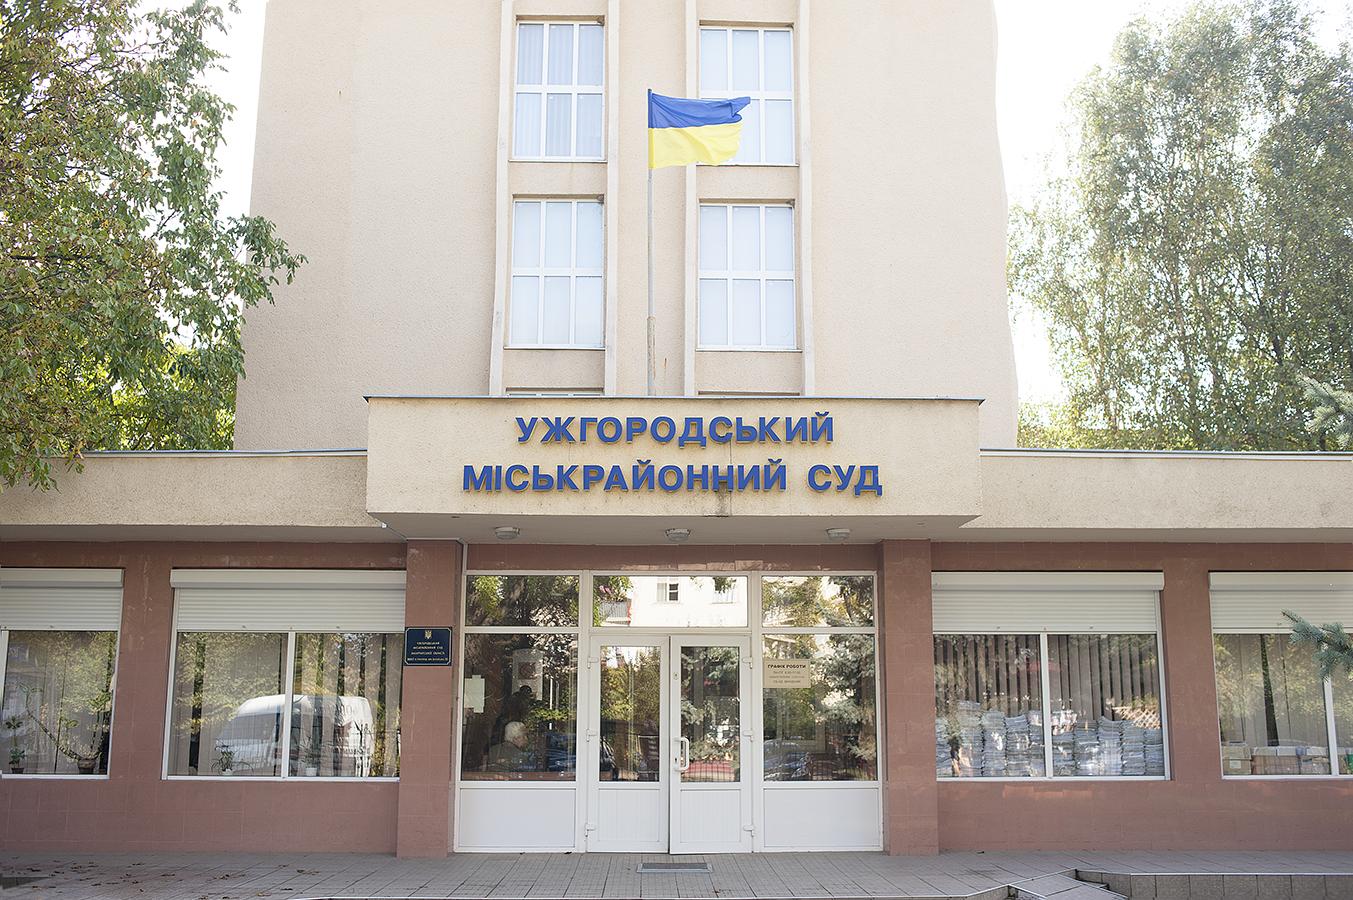 Ужгородський міськрайонний суд замінували